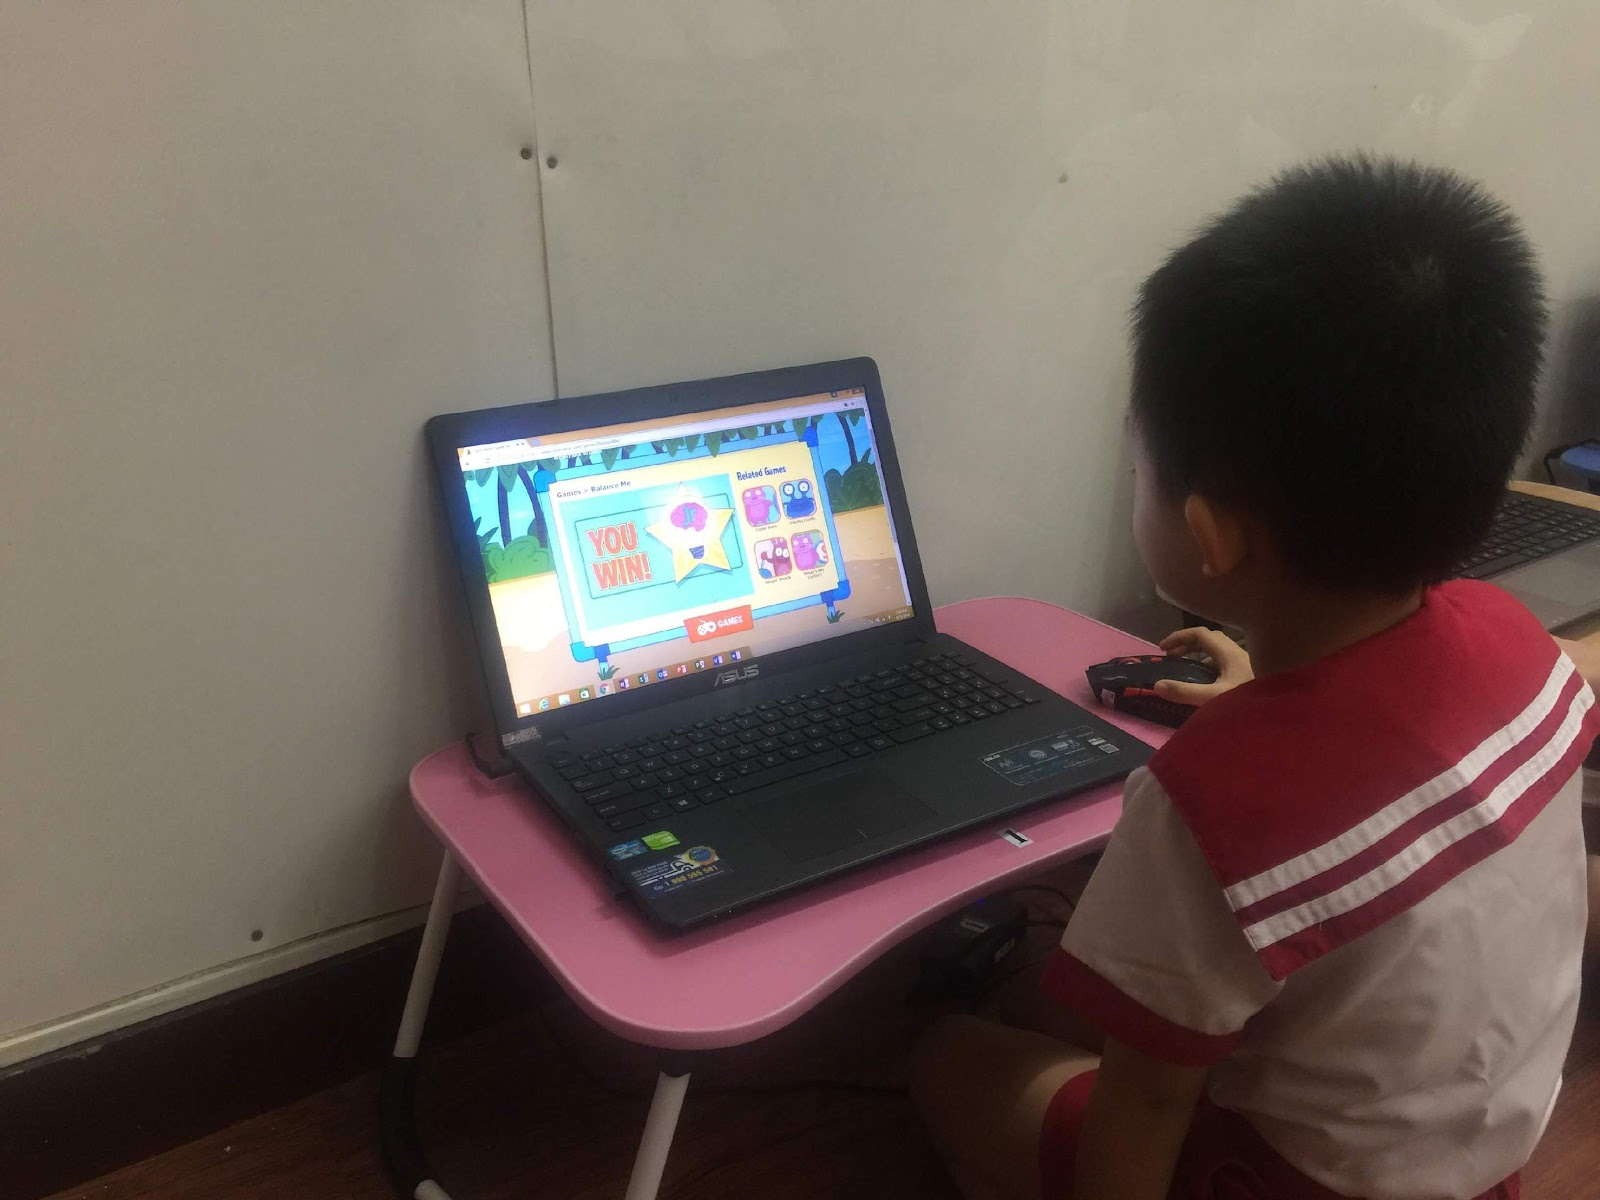 có nên cho bé làm quen với máy tính